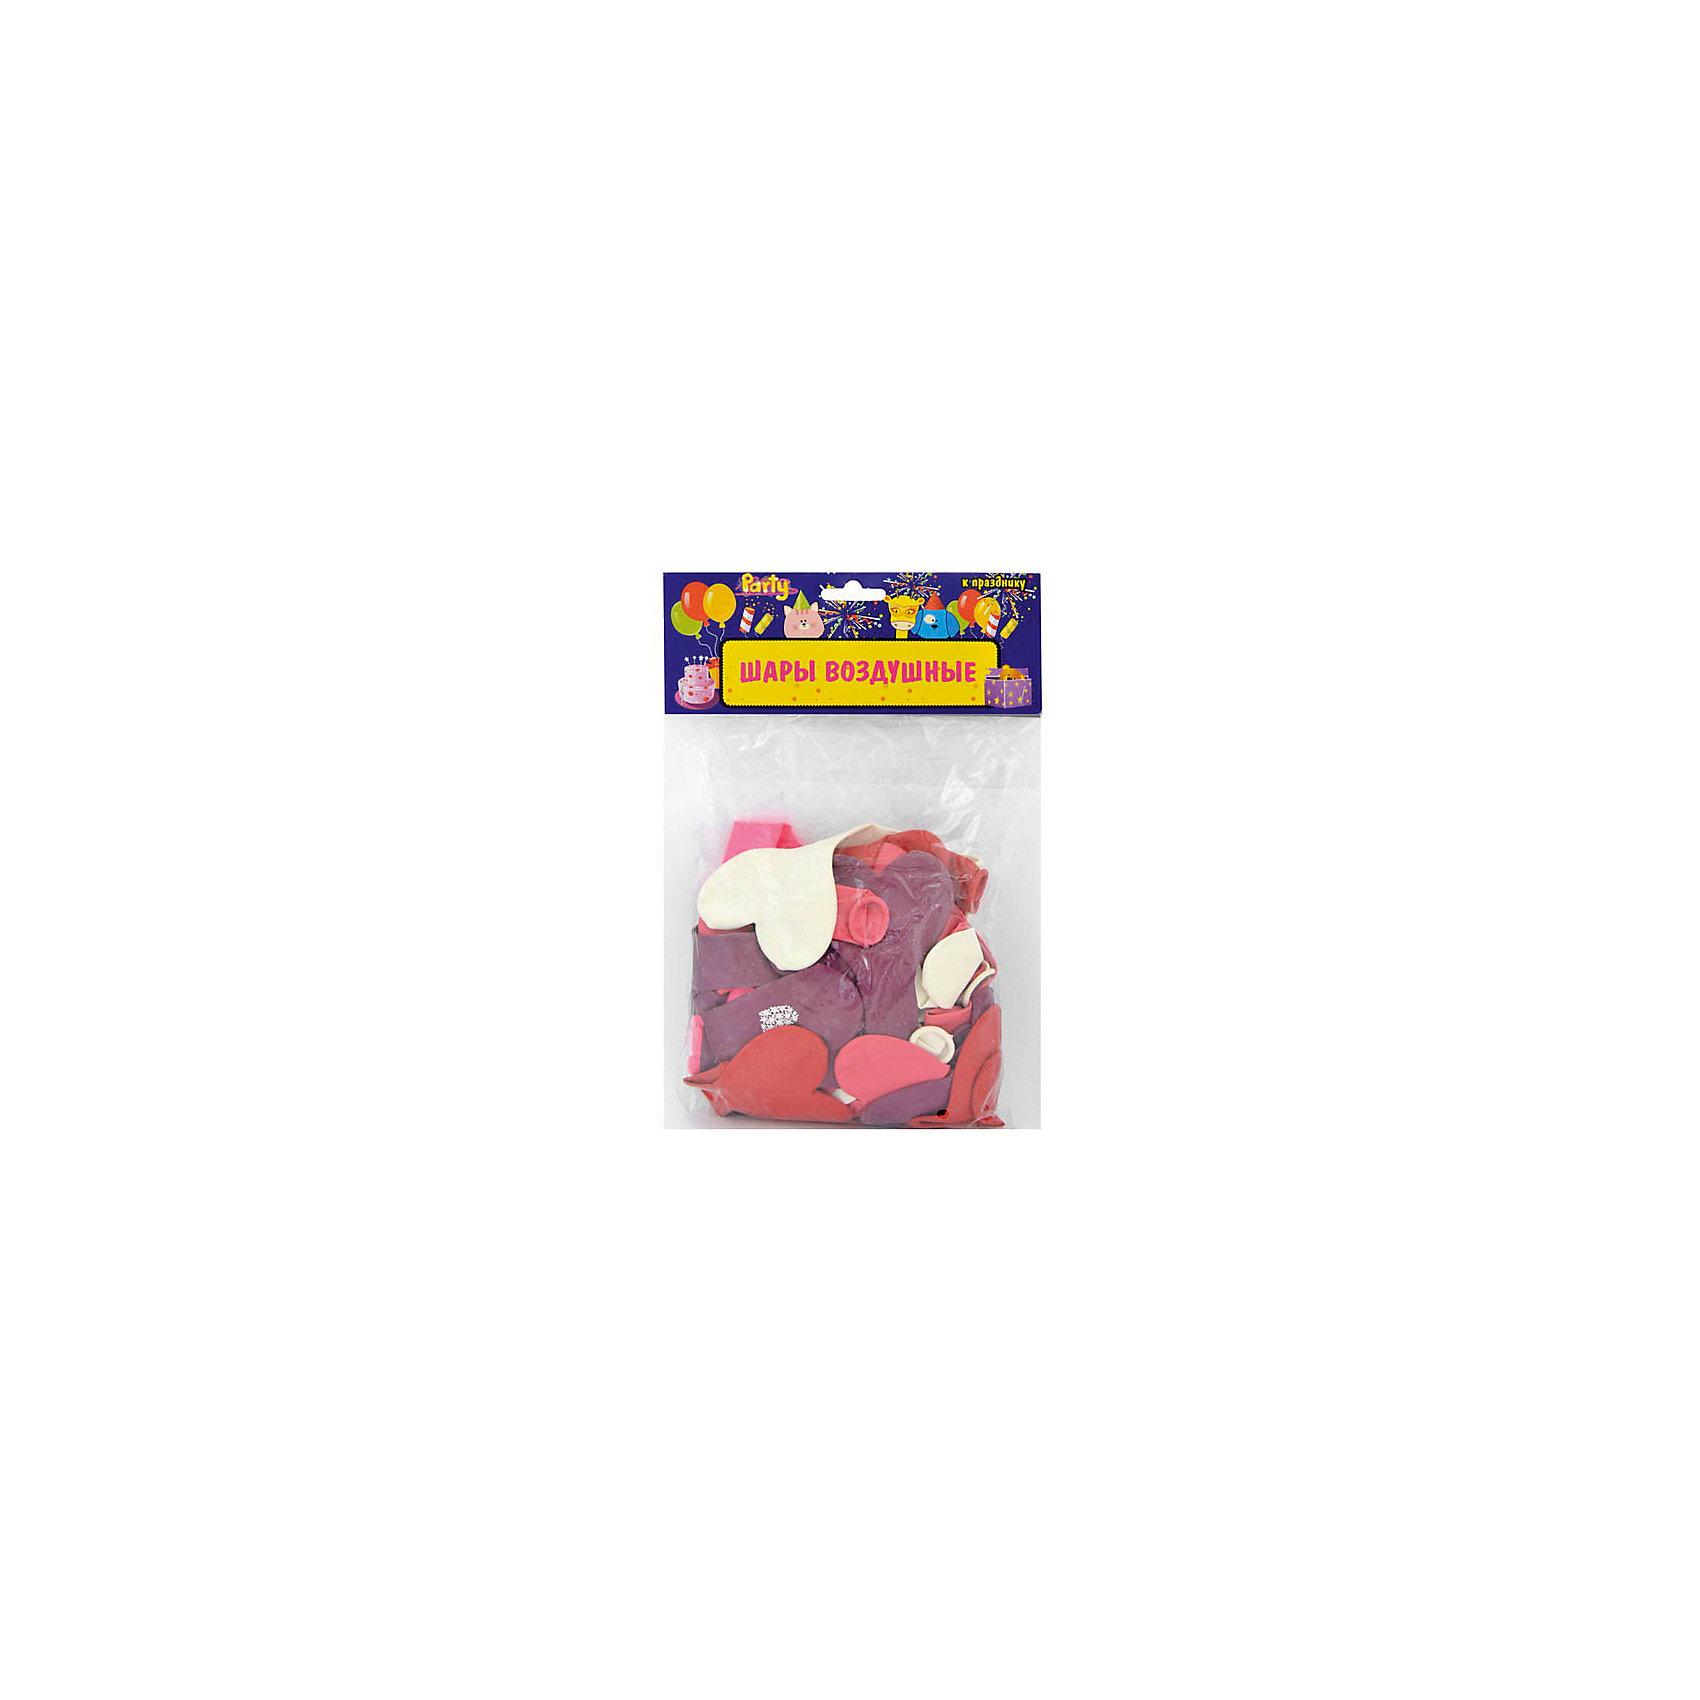 Воздушные шары Сердечки, разноцветные, c принтом, 50 штВсё для праздника<br>Характеристики:<br><br>• количество: 50 шт.<br>• тема рисунков: любовь<br>• форма шаров: сердечко.<br>• материал: латекс<br>• цвет: ассорти<br><br>Фигурные воздушные шары из латекса «Сердечки» с рисунком отлично подойдут для дня влюбленных и свадеб.<br><br>Шары помогут украсить праздничный стол и помещение, или стать приятным дополнением к подарку.<br><br>Воздушные шары Сердечки, разноцветные, c принтом, 50 шт можно купить в нашем интернет-магазине.<br><br>Ширина мм: 200<br>Глубина мм: 150<br>Высота мм: 50<br>Вес г: 163<br>Возраст от месяцев: 36<br>Возраст до месяцев: 168<br>Пол: Унисекс<br>Возраст: Детский<br>SKU: 6860600